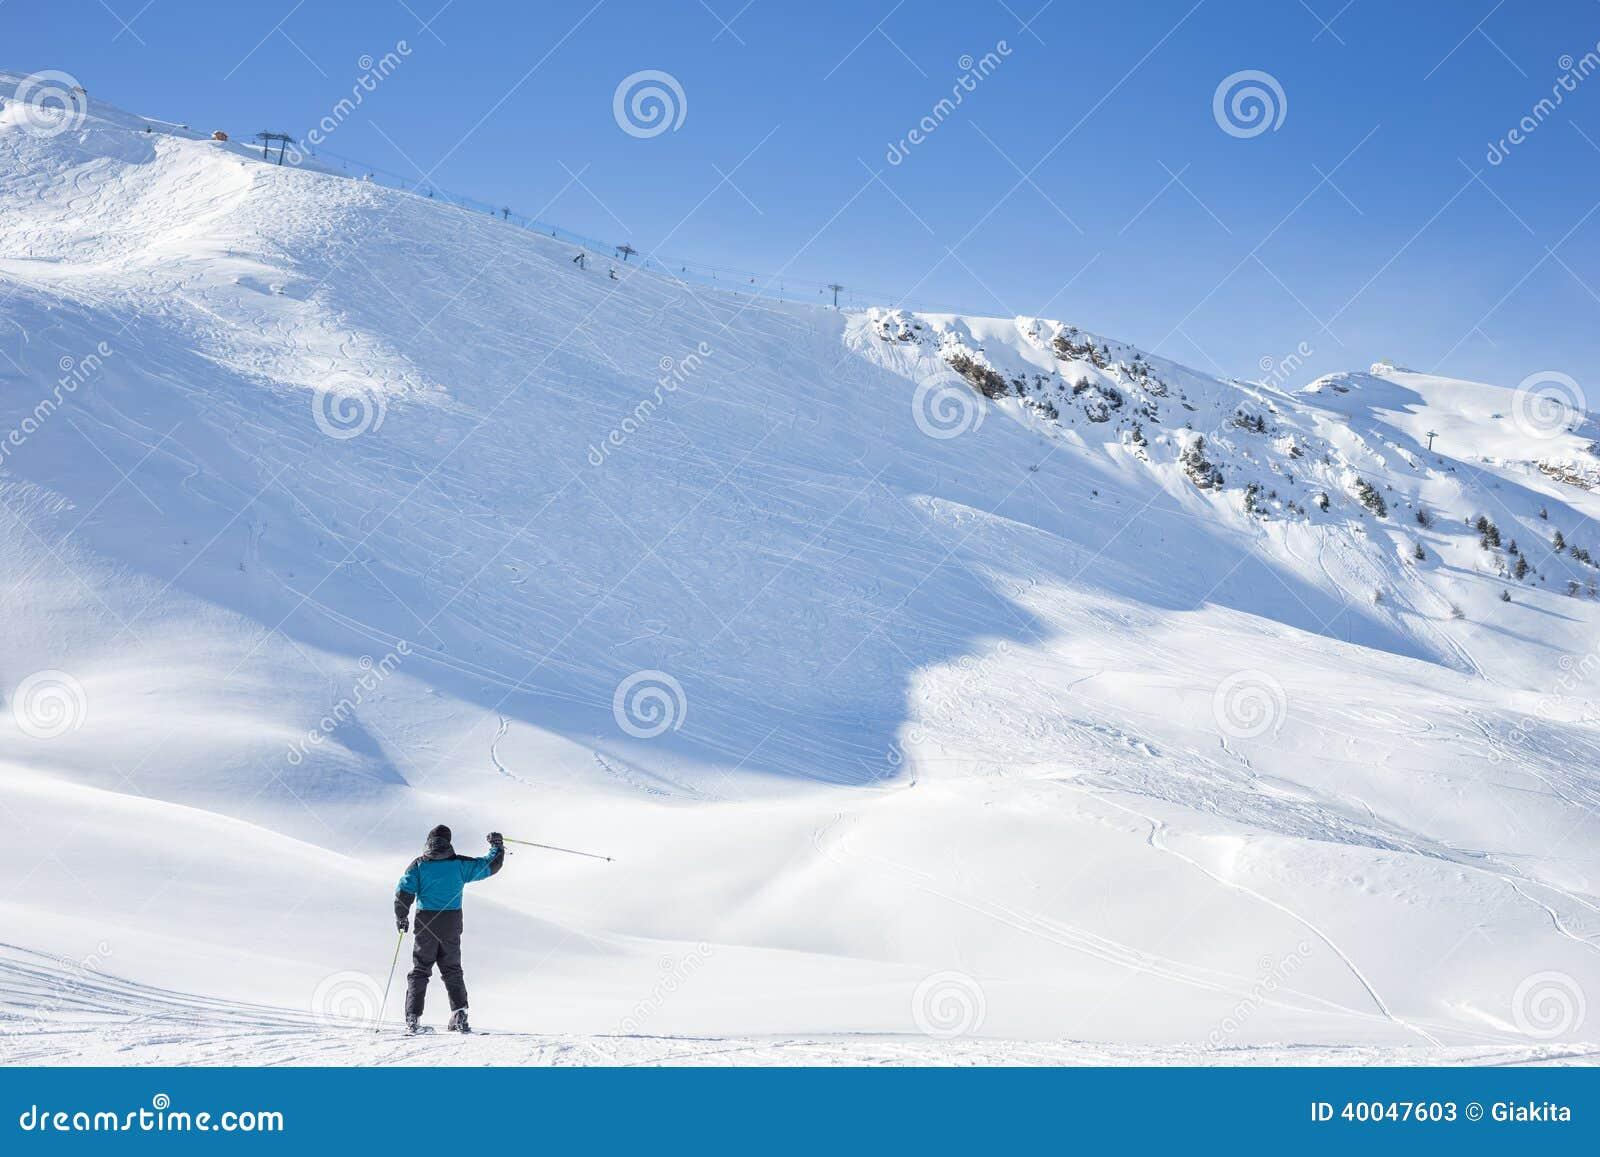 Lone skier waving on a snowy mountain peak